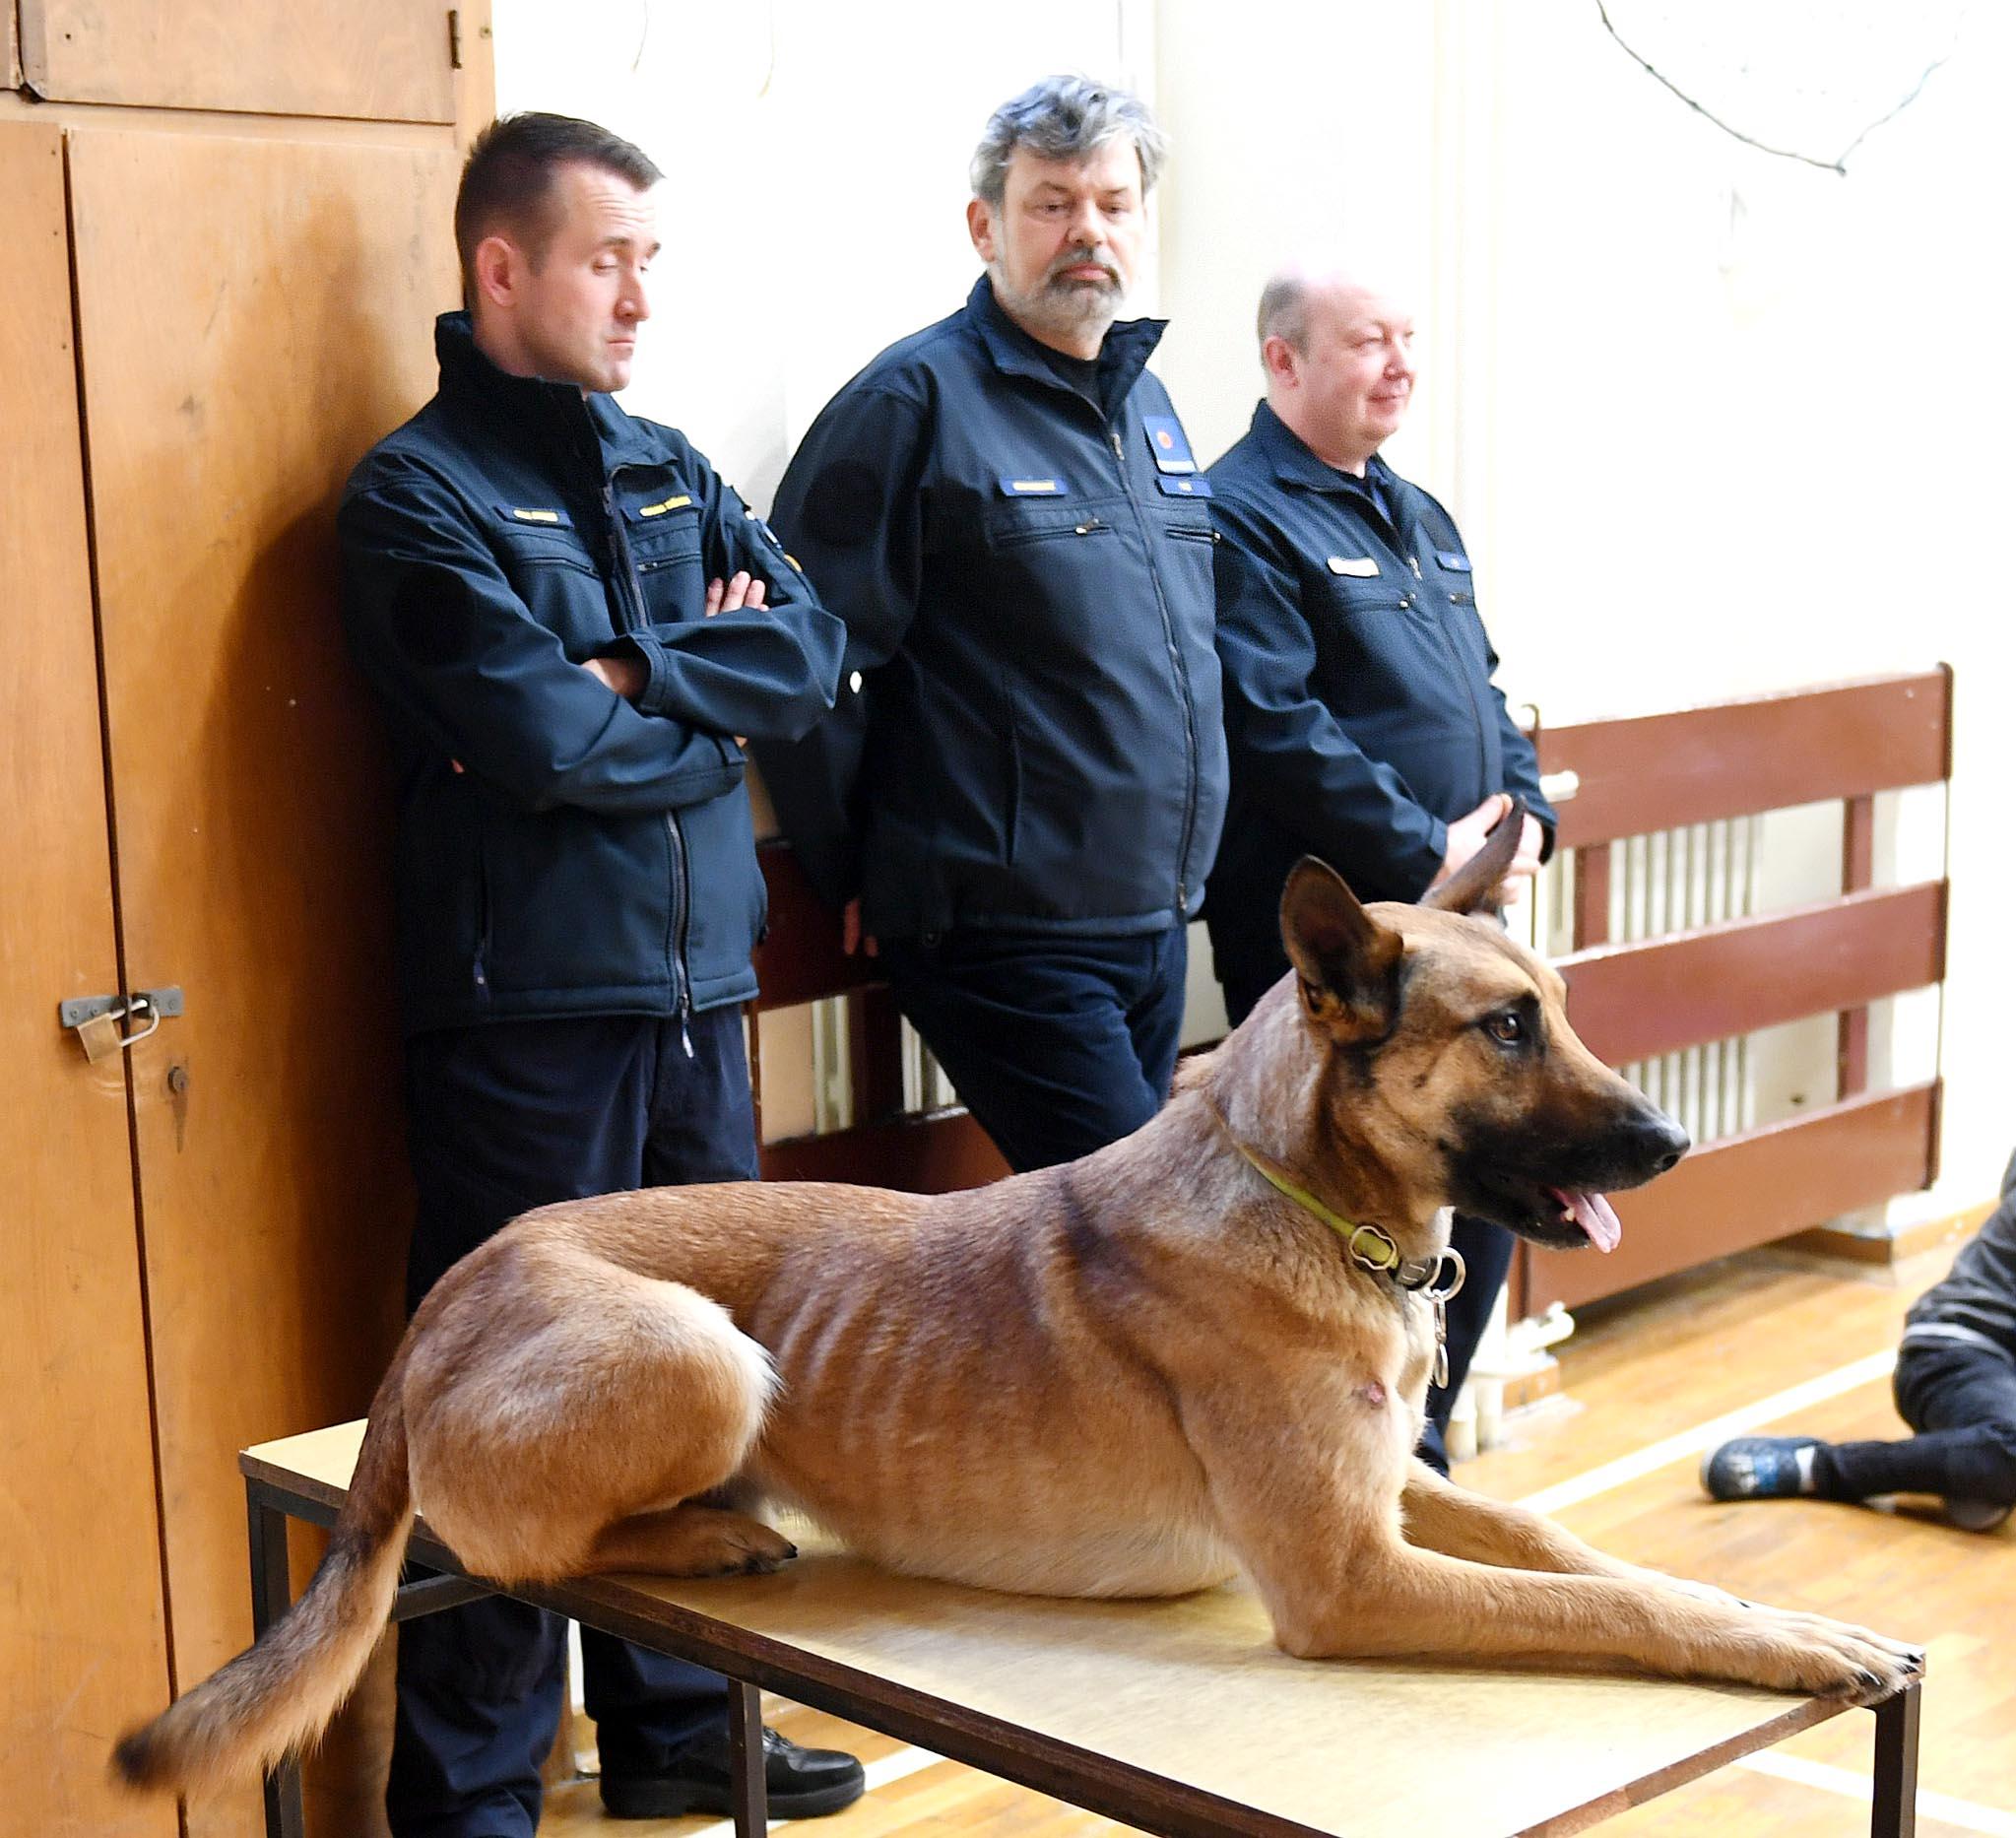 112, hitne službe, civilna zaštita, pas Thomas, belgijski ovčar, snimio Ivica TOMIĆ